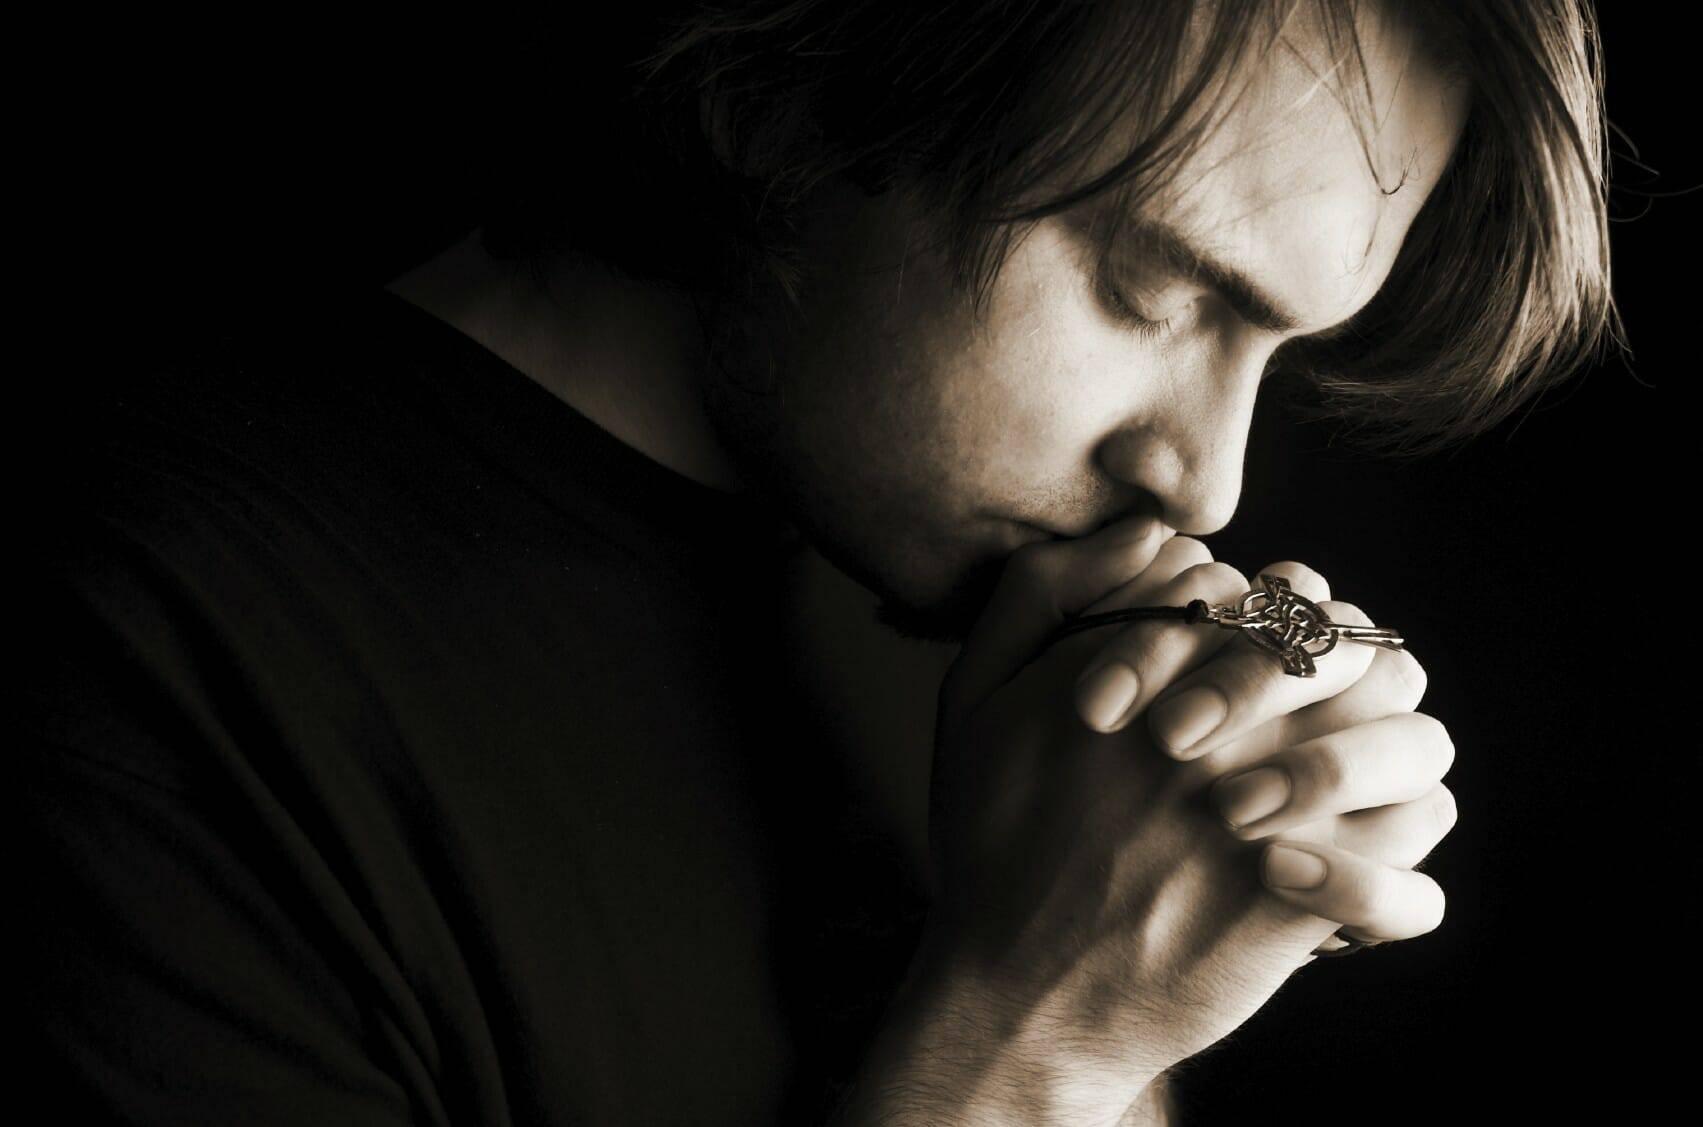 Cầu nguyện như tu sĩ và cầu nguyện cảm tính